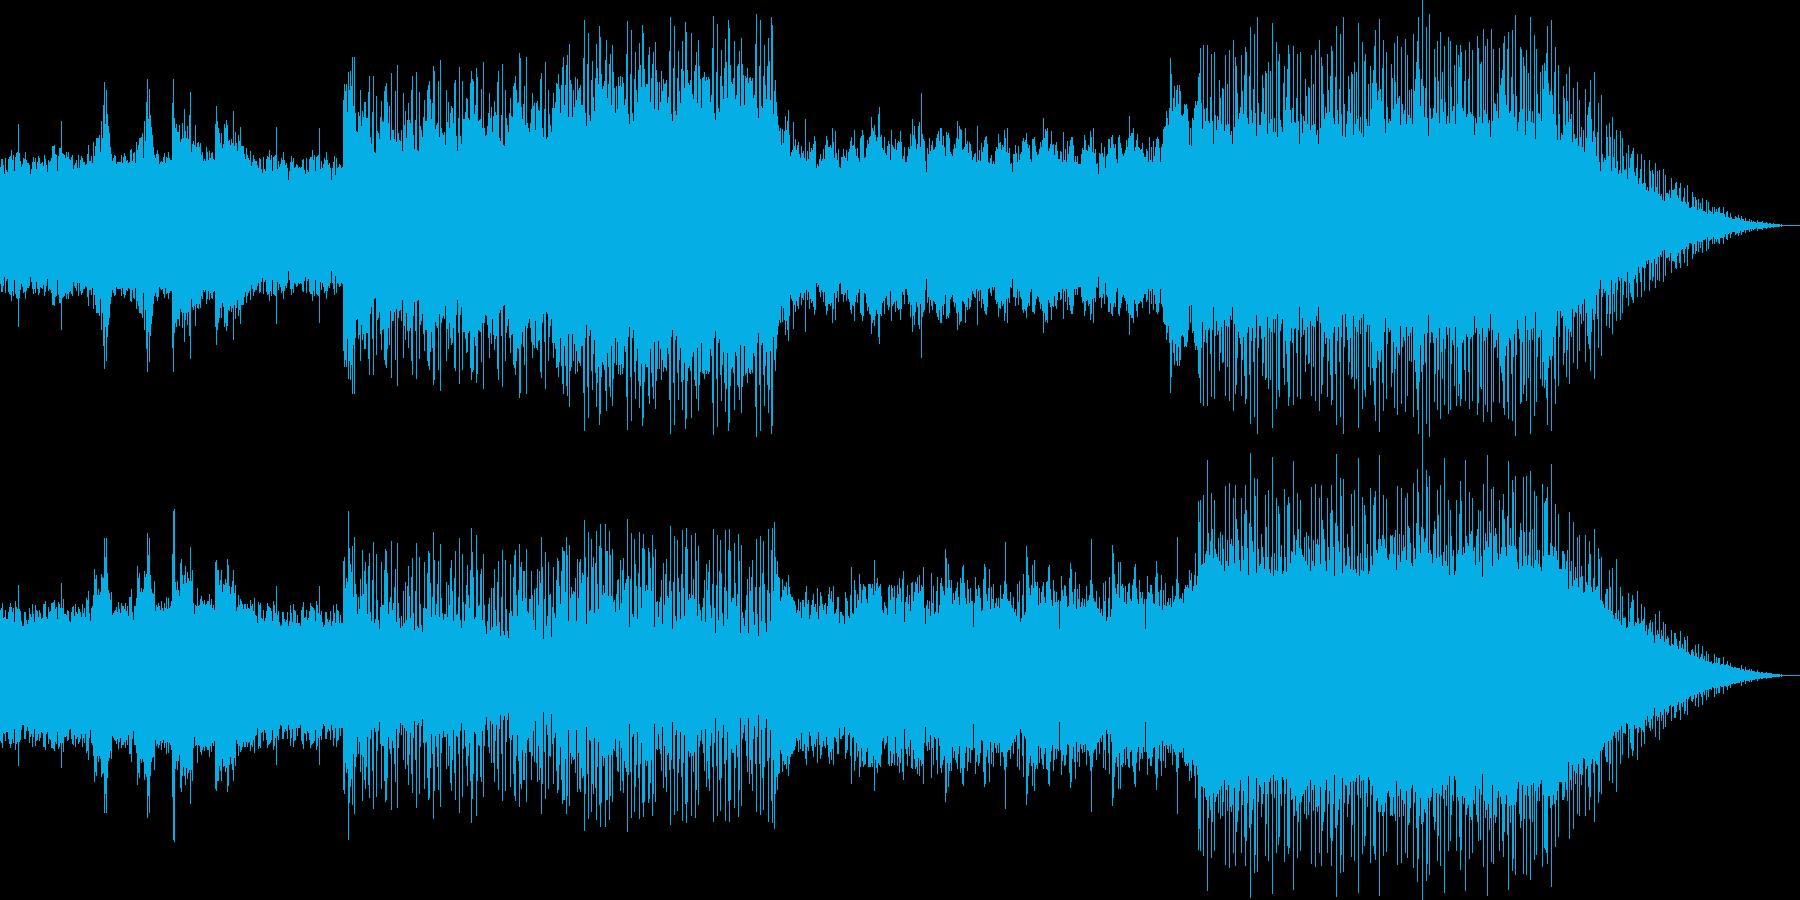 ダークなハードロックサウンドの再生済みの波形